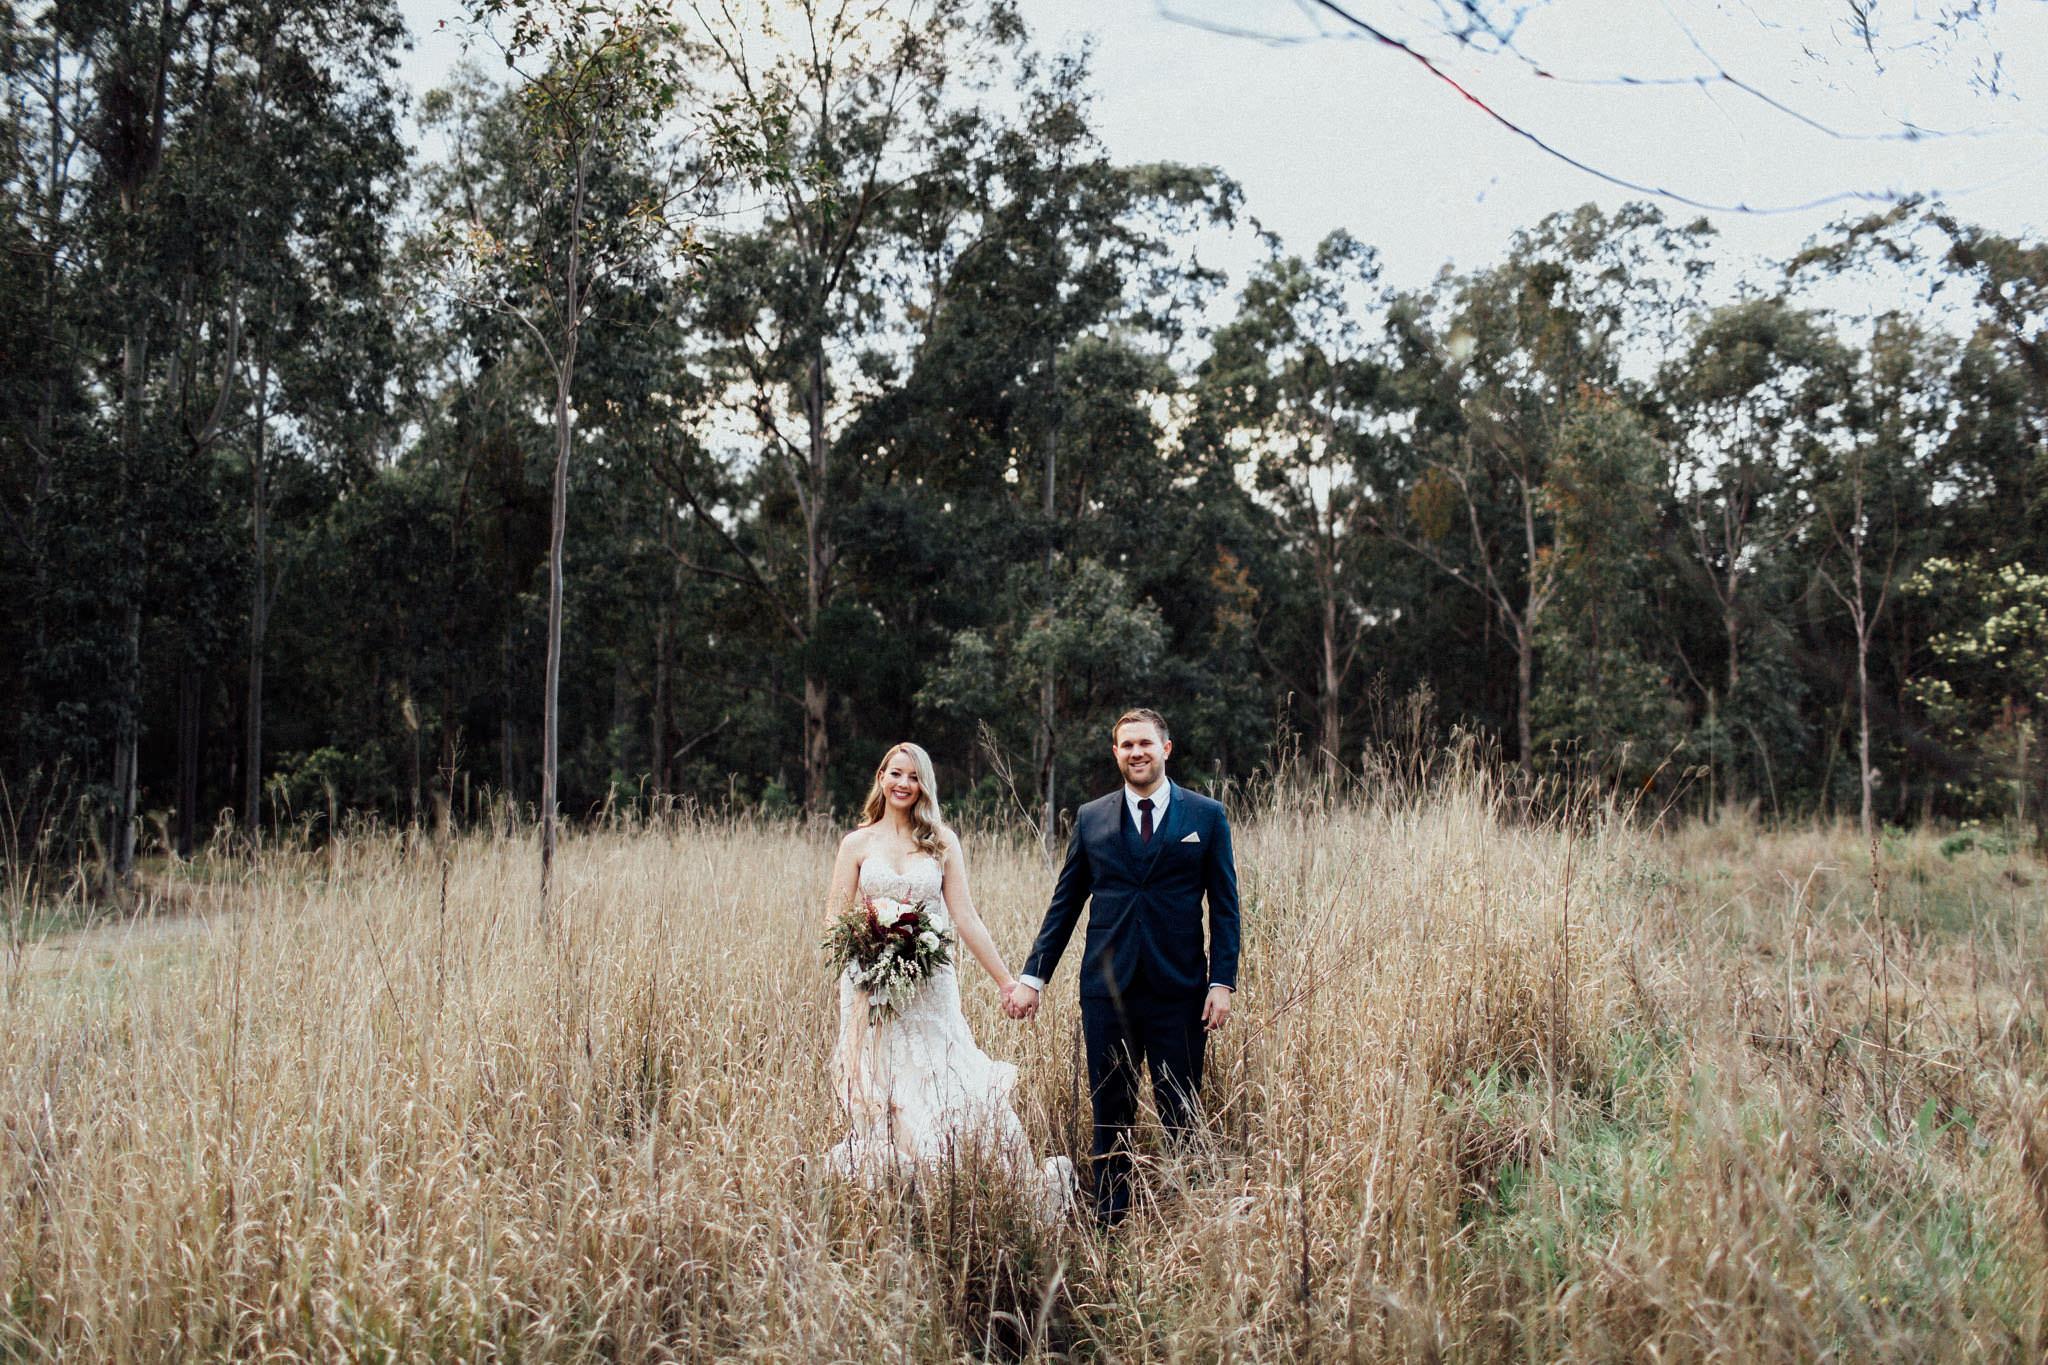 WeddingPhotos_Facebook_2048pixels-1098.jpg